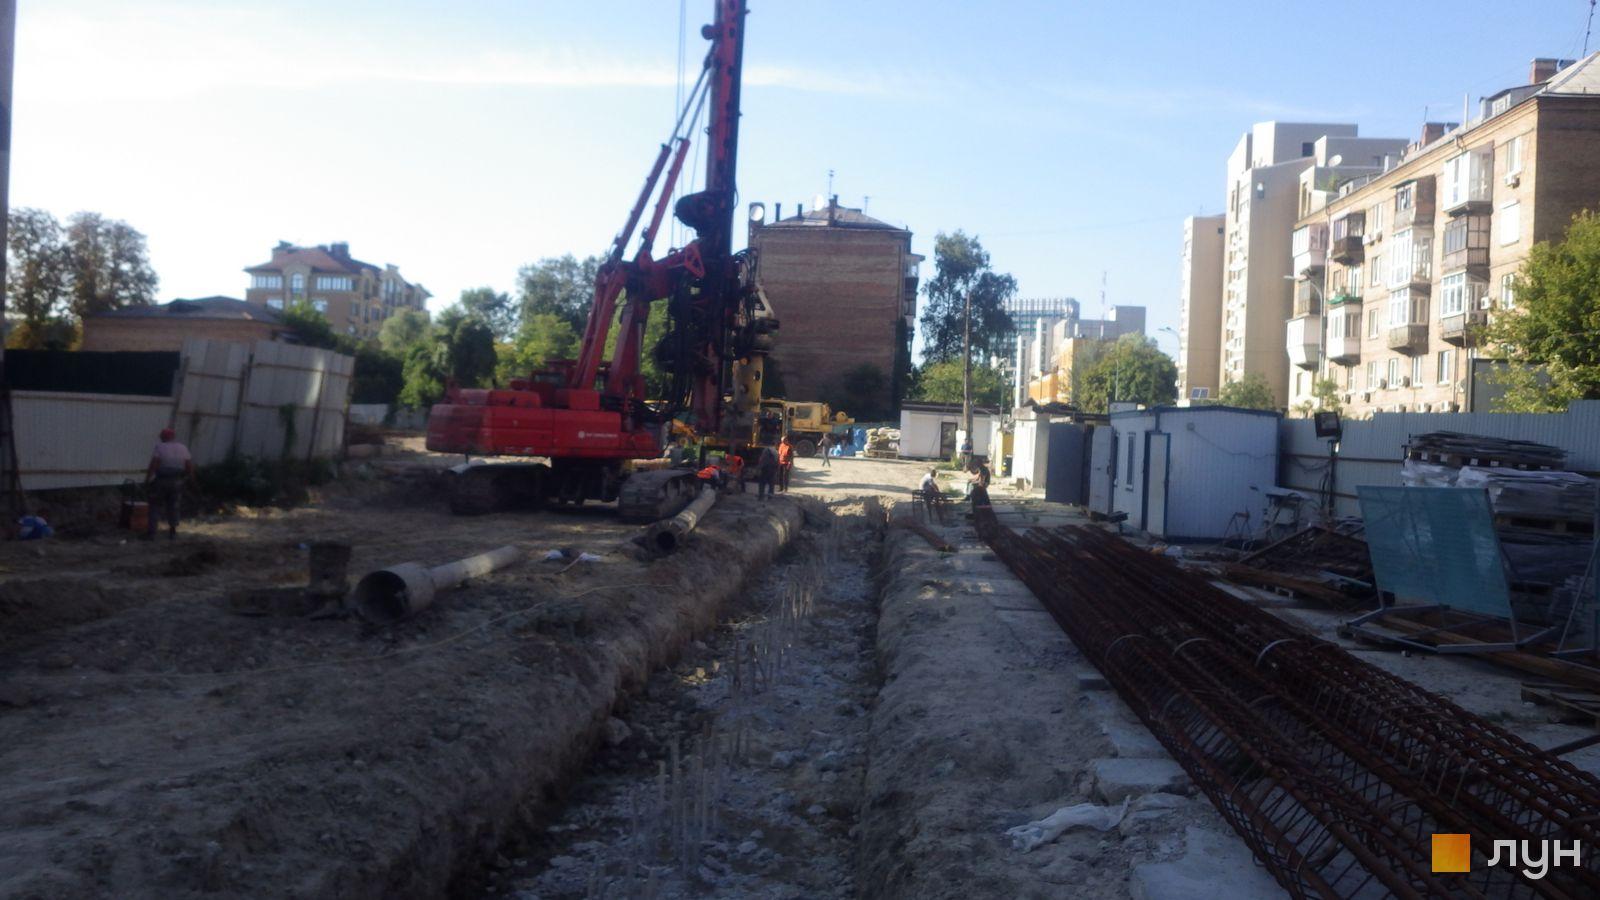 Ход строительства ул. Казимира Малевича, 44, 46, , август 2019